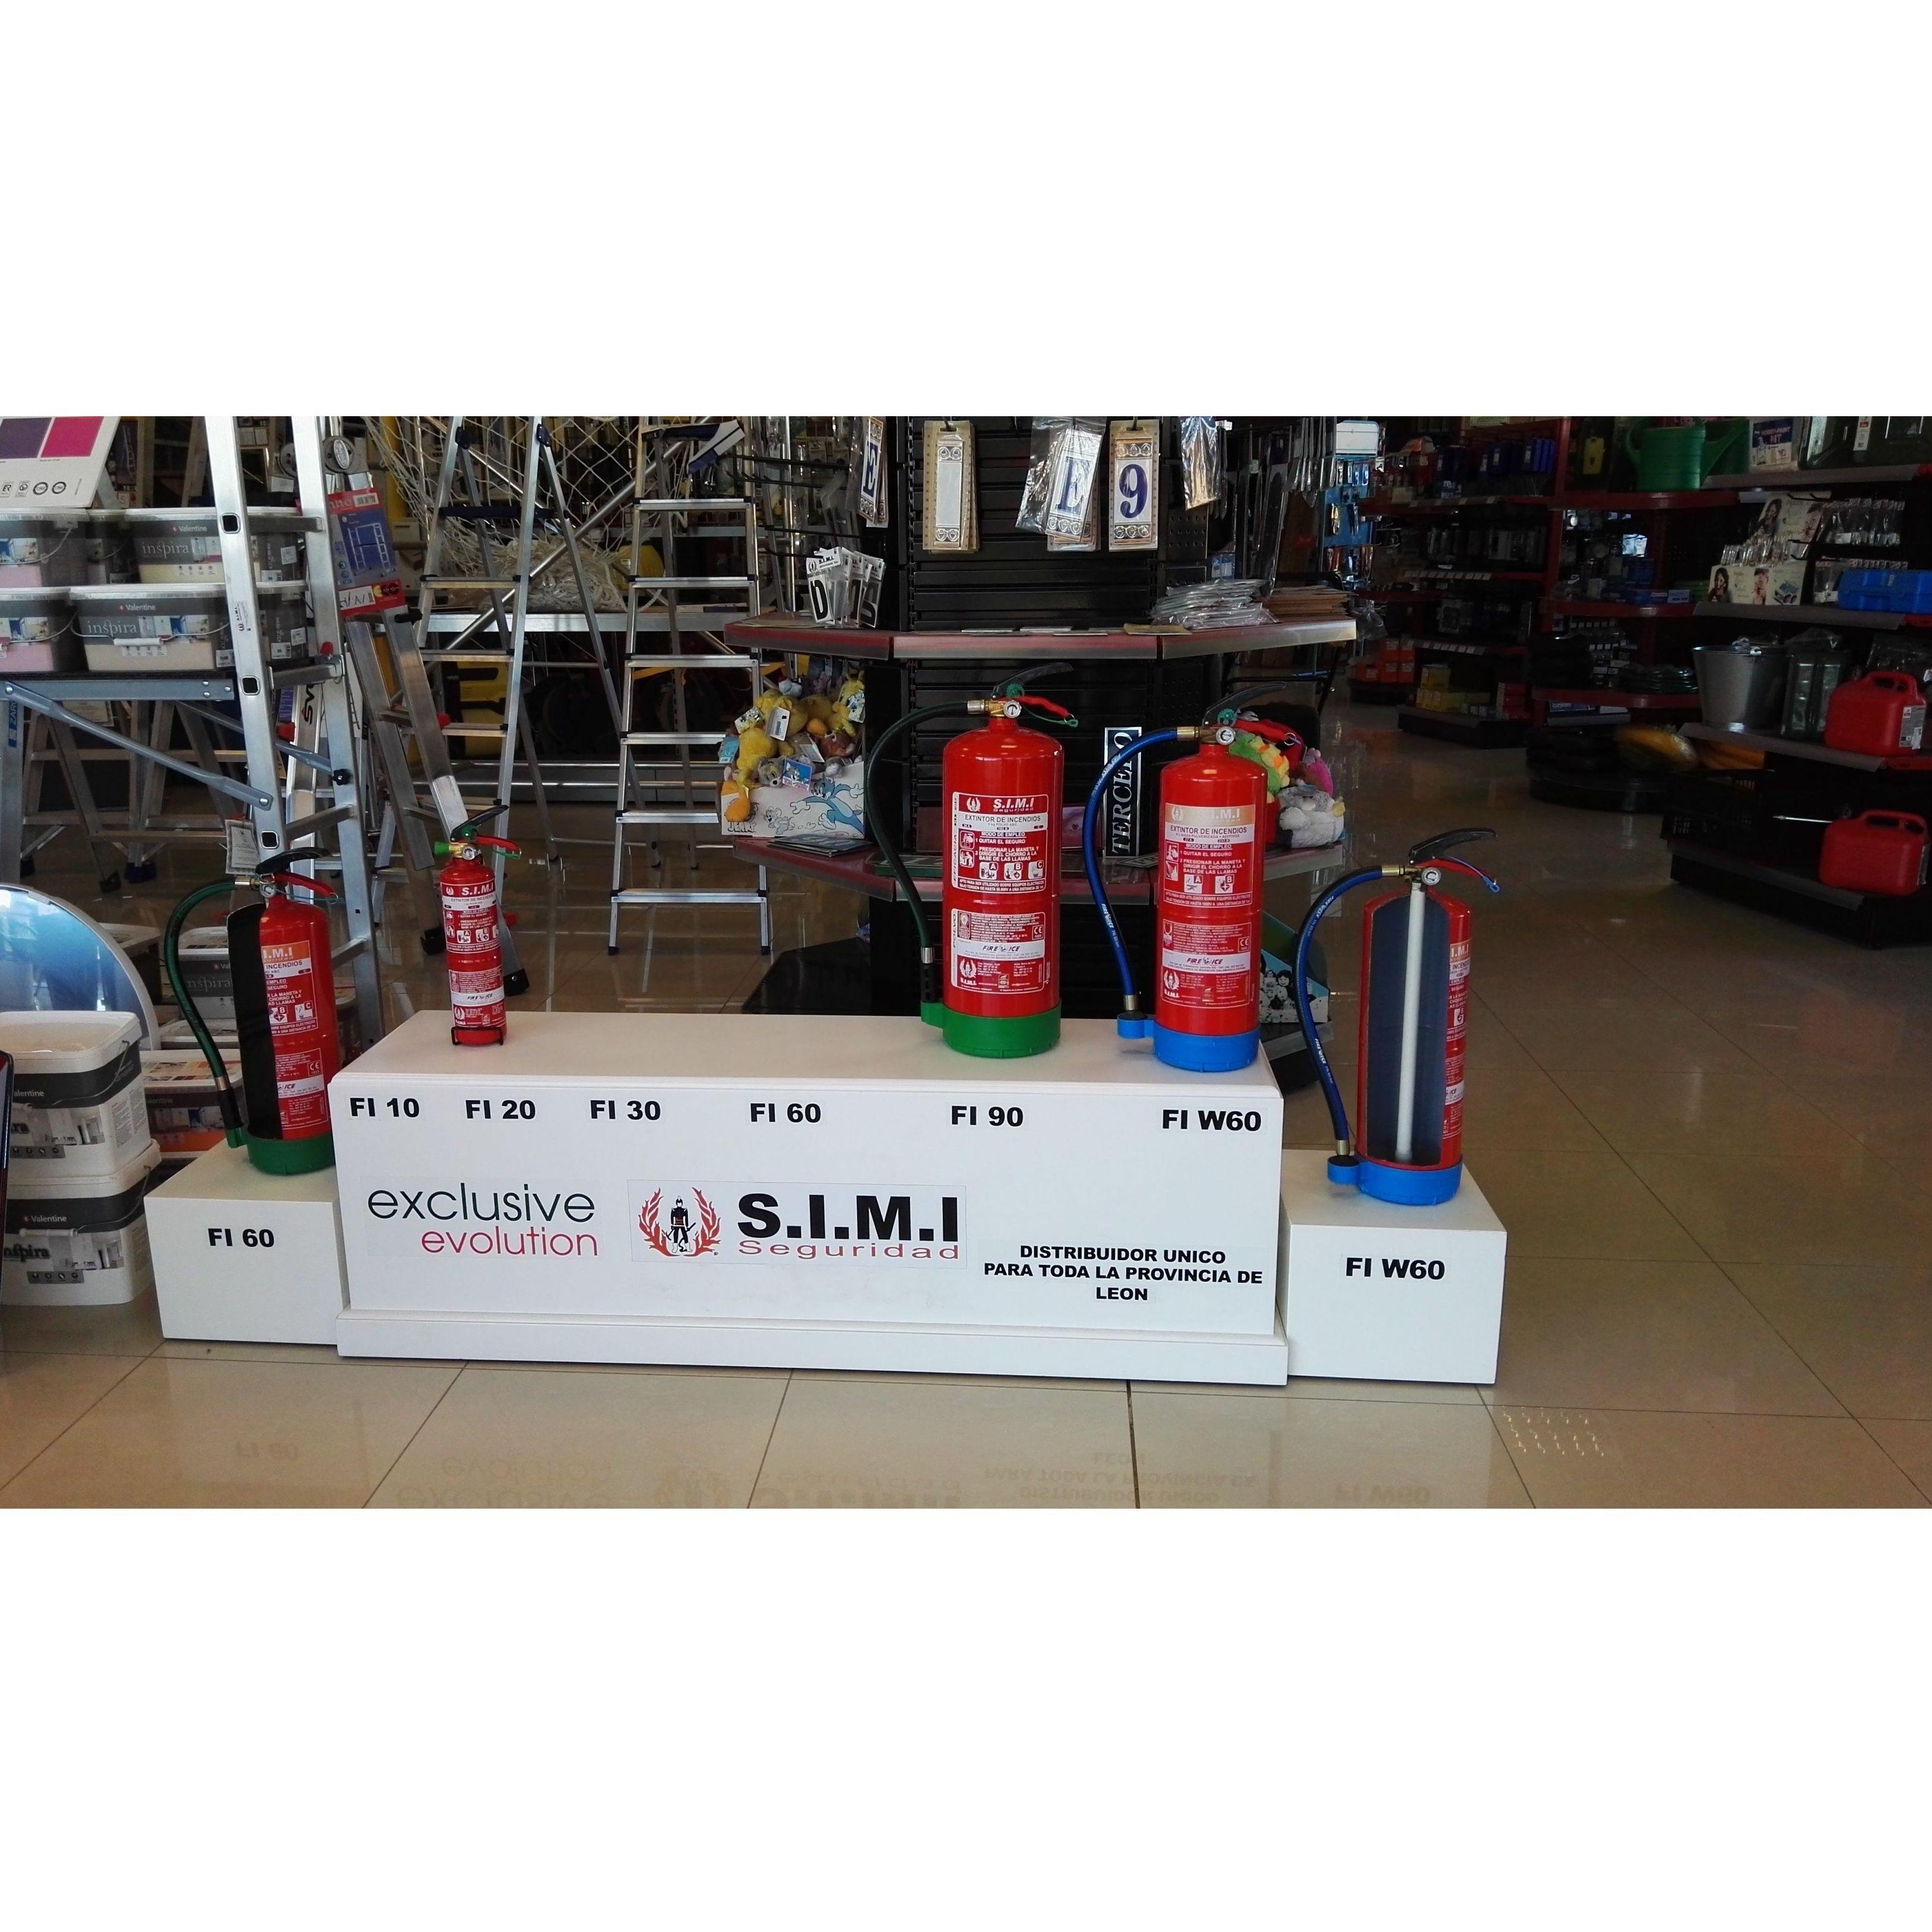 Extintores y recargas: Productos y Servicios de S.I.M.I. Seguridad